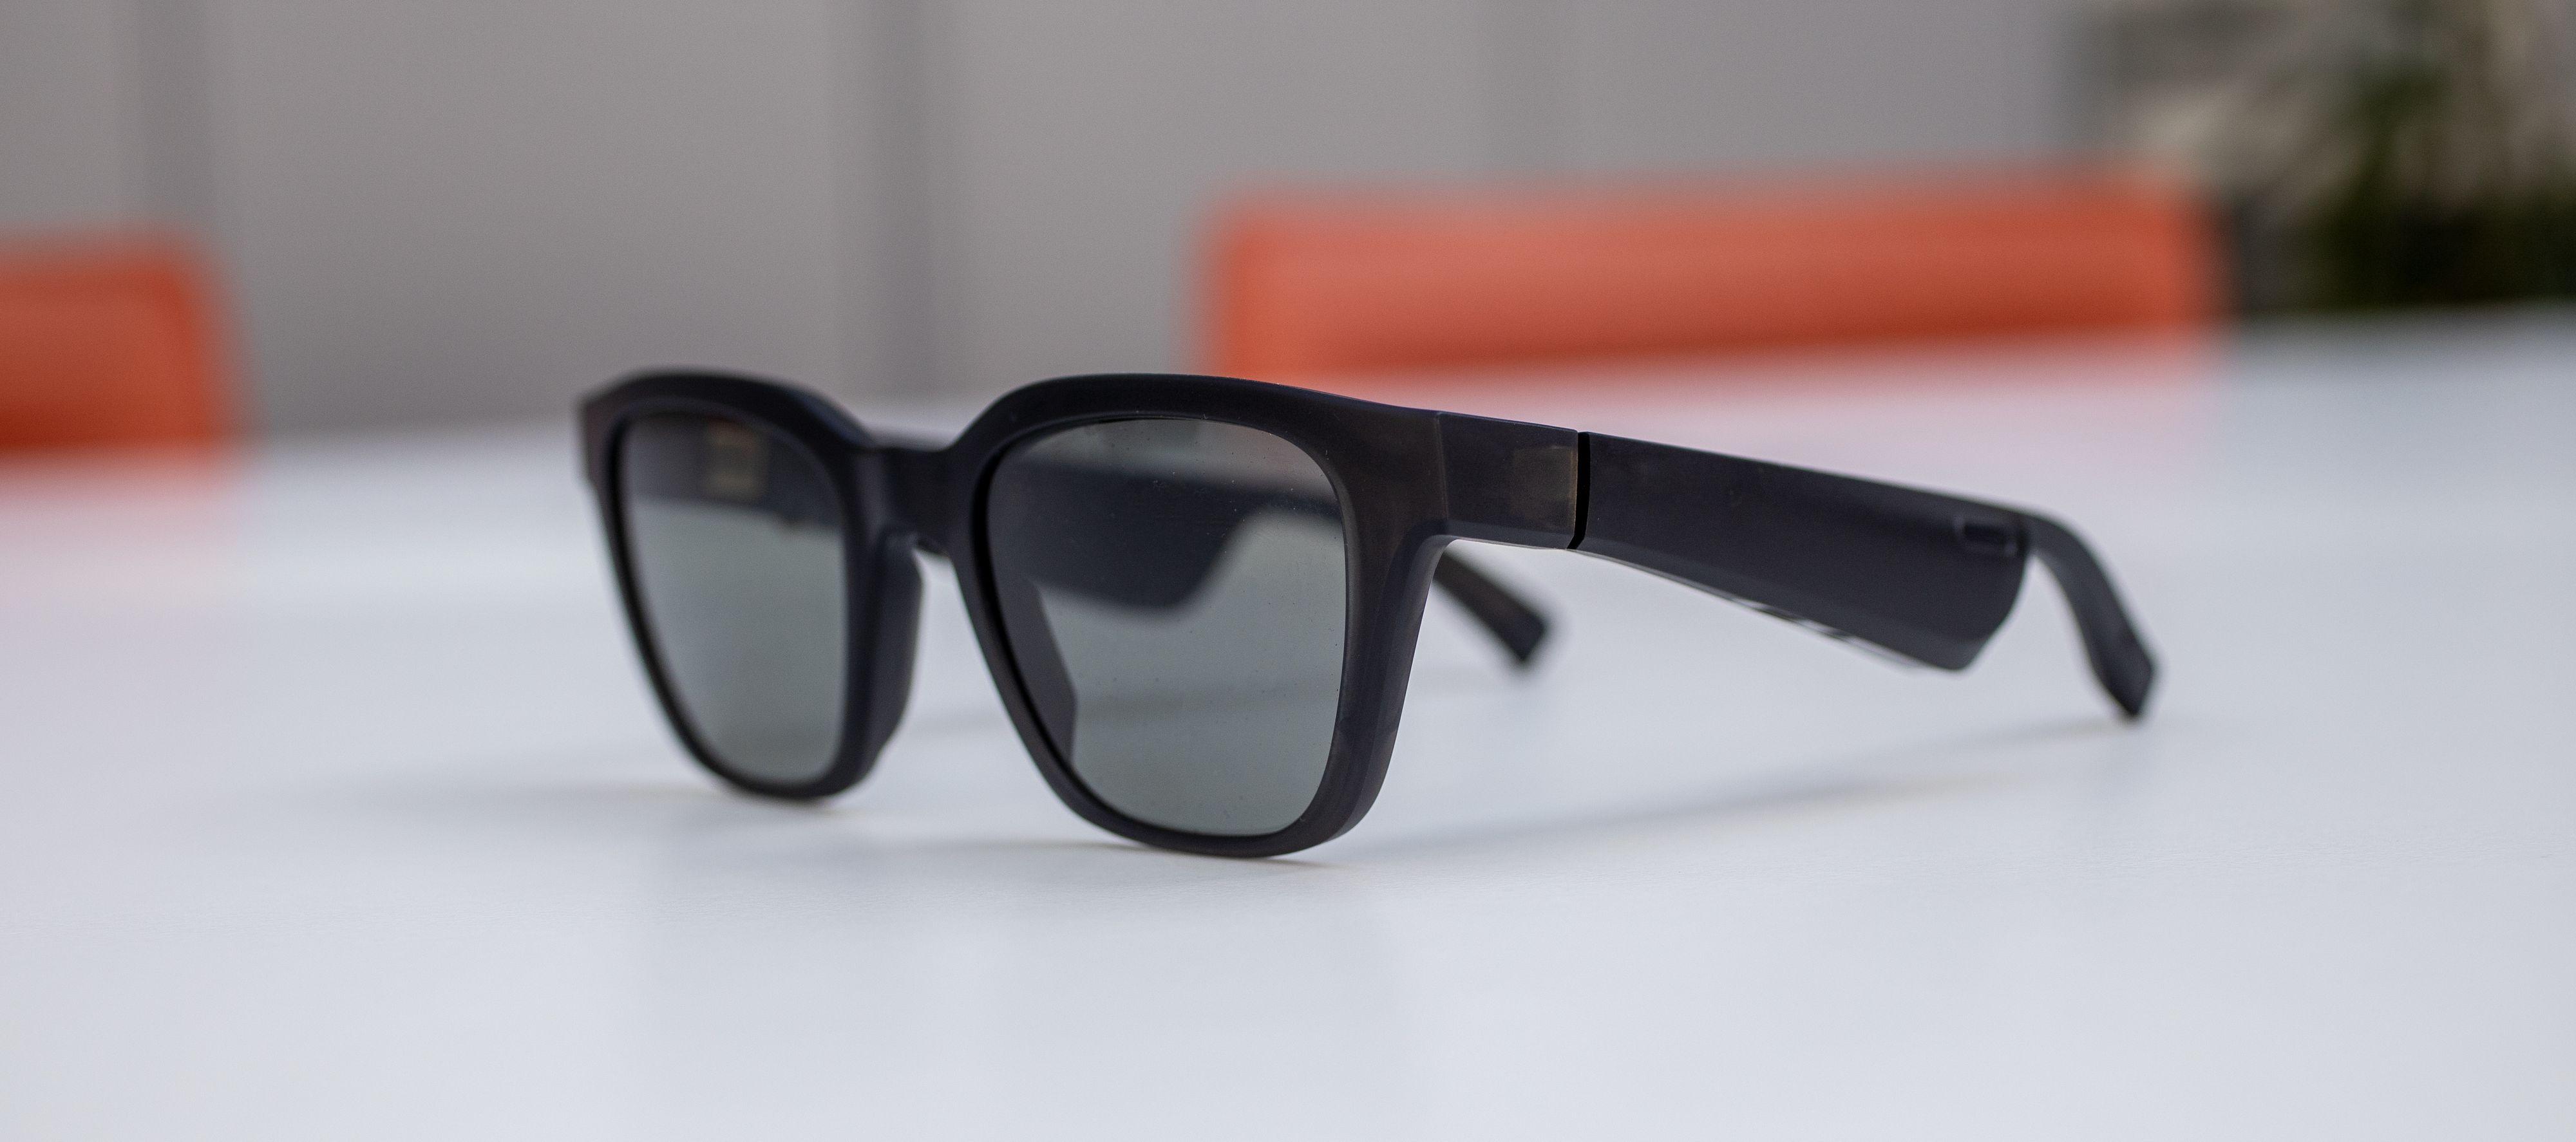 Bose Frames Alto ligner ganske mye på Ray-Ban Wayfarer.